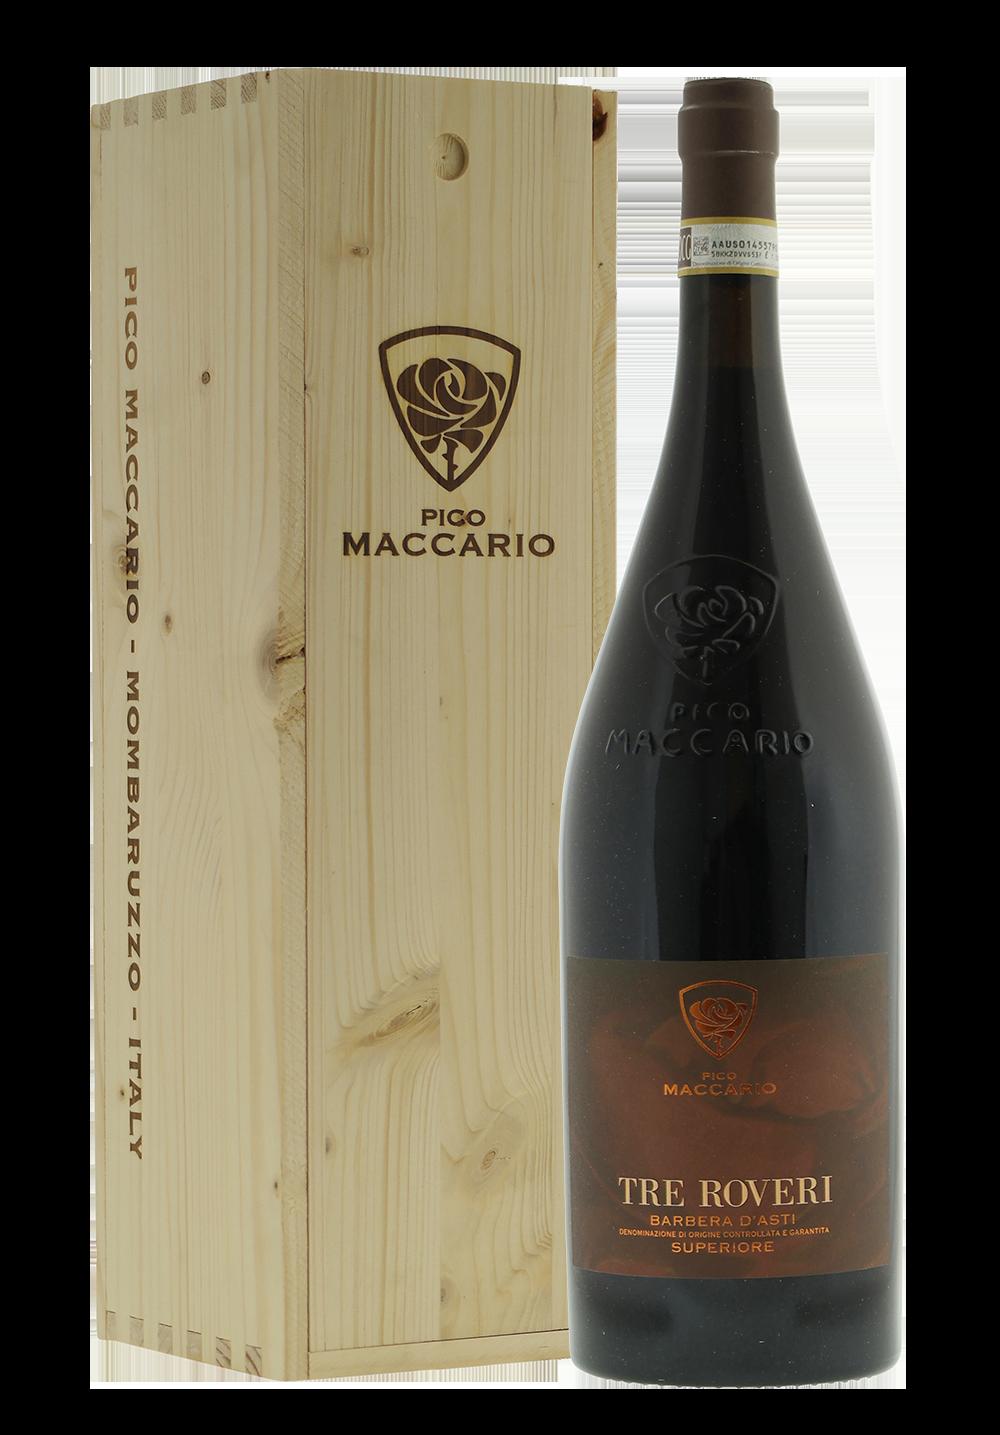 Pico Maccario Tre Roveri Magnum – 21%